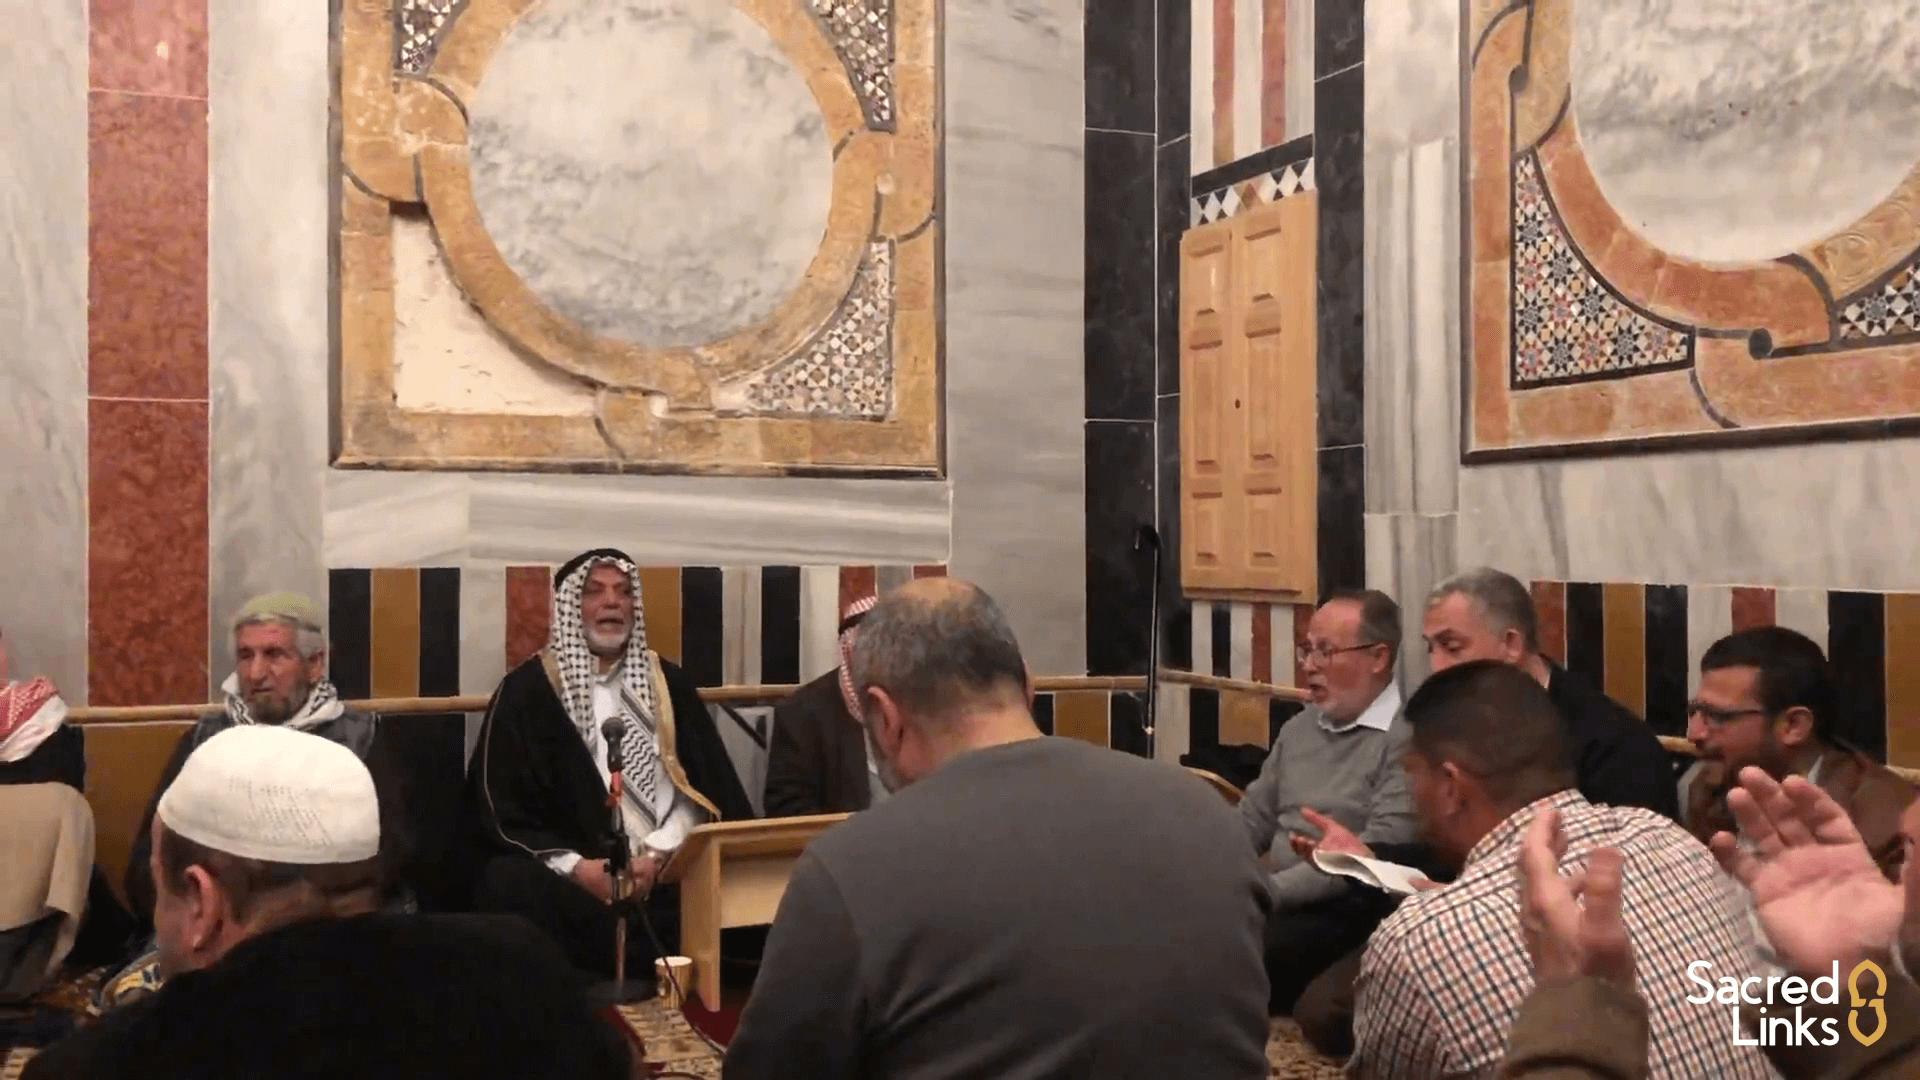 Burdah Recitation and Mawlid at Masjid al-Aqsa with Sacred Links